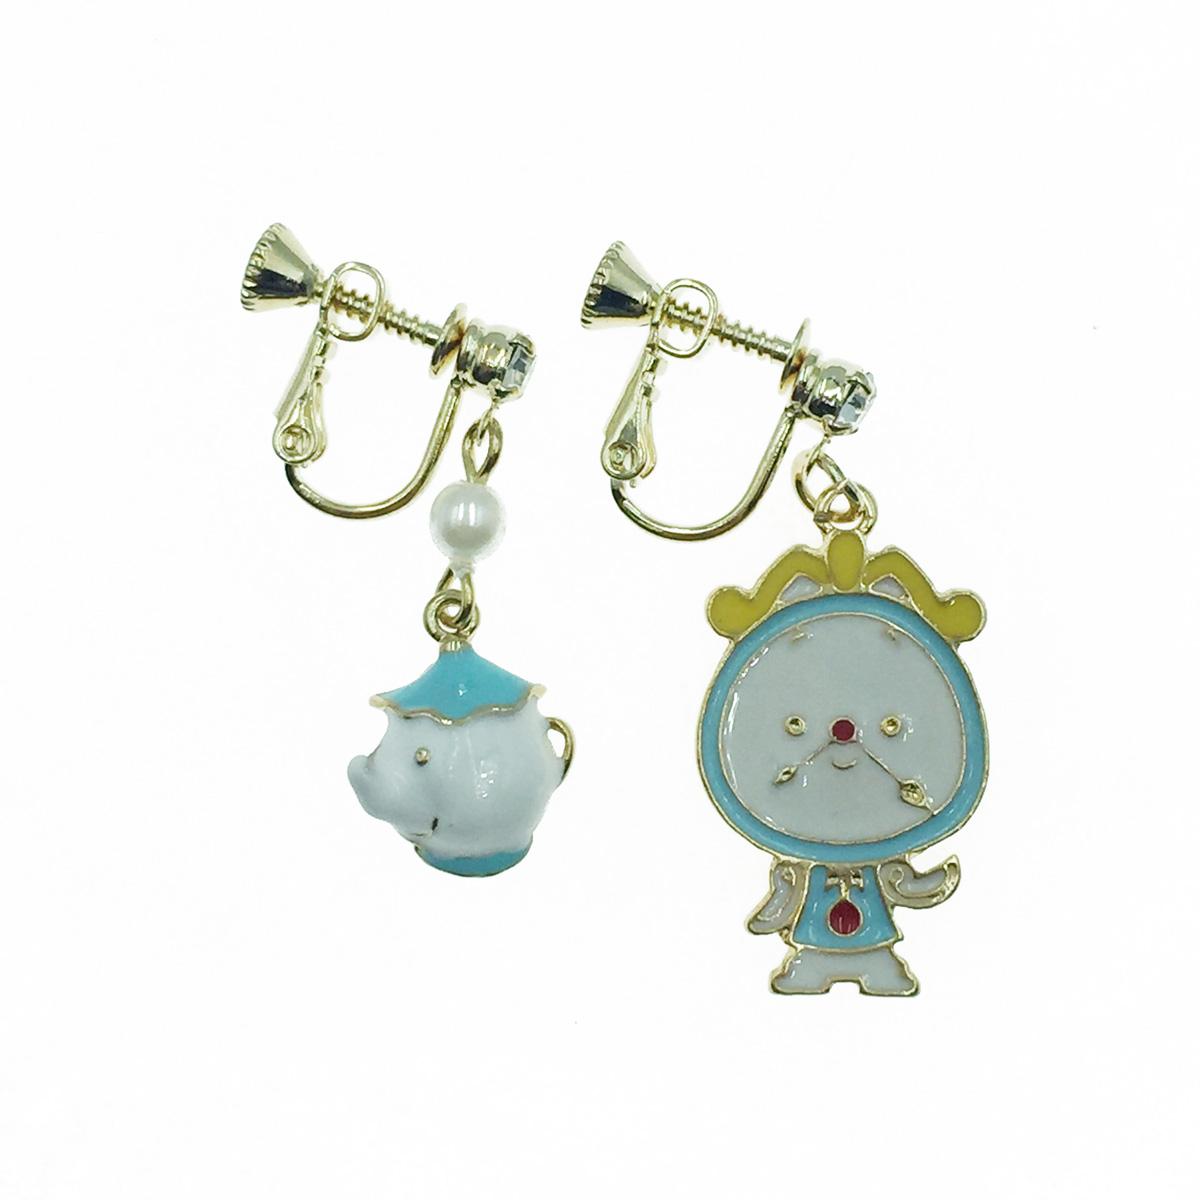 韓國 不對稱 美女與野獸 卡通角色 茶壺 時鐘 水鑽 珍珠 垂墜感 夾式耳環